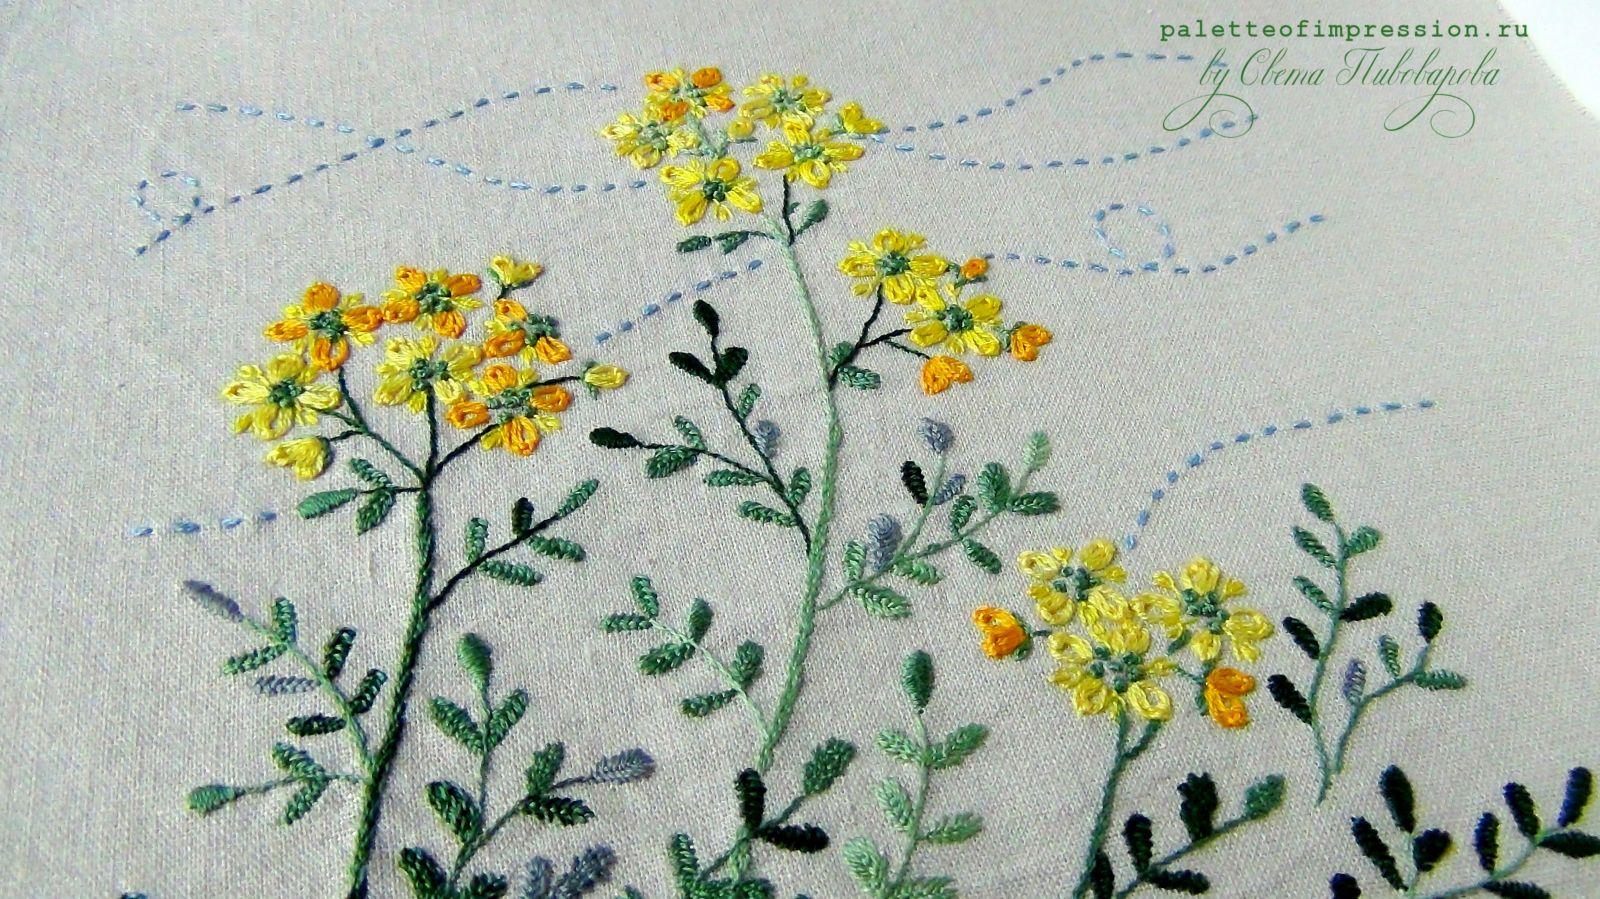 """Желтая рута. Sadako Toscuka """"Herb Embroider on Linen 1"""". Блог Вся палитра впечатлений"""